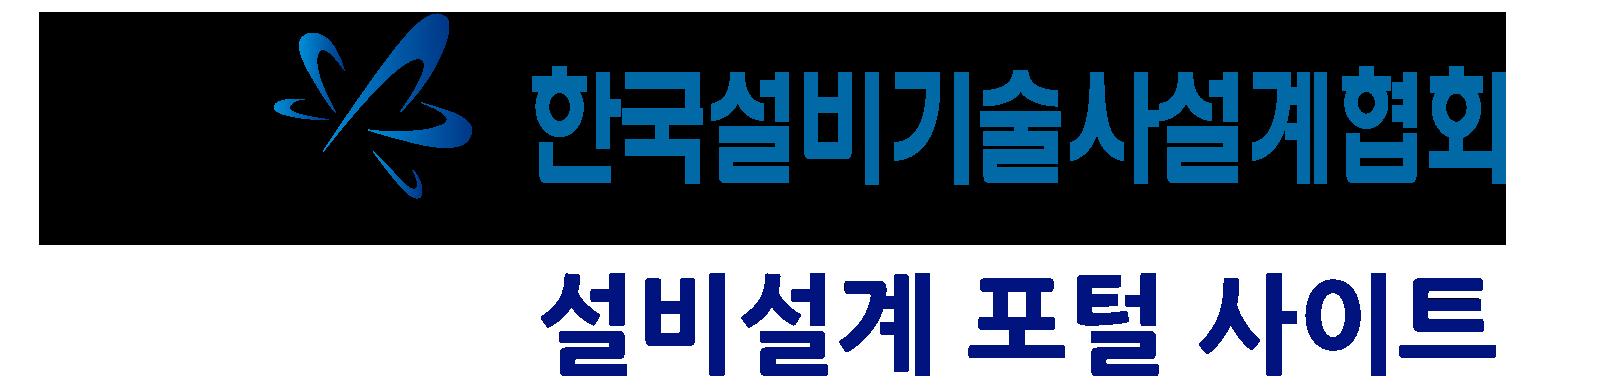 한국설비기술사설계협회